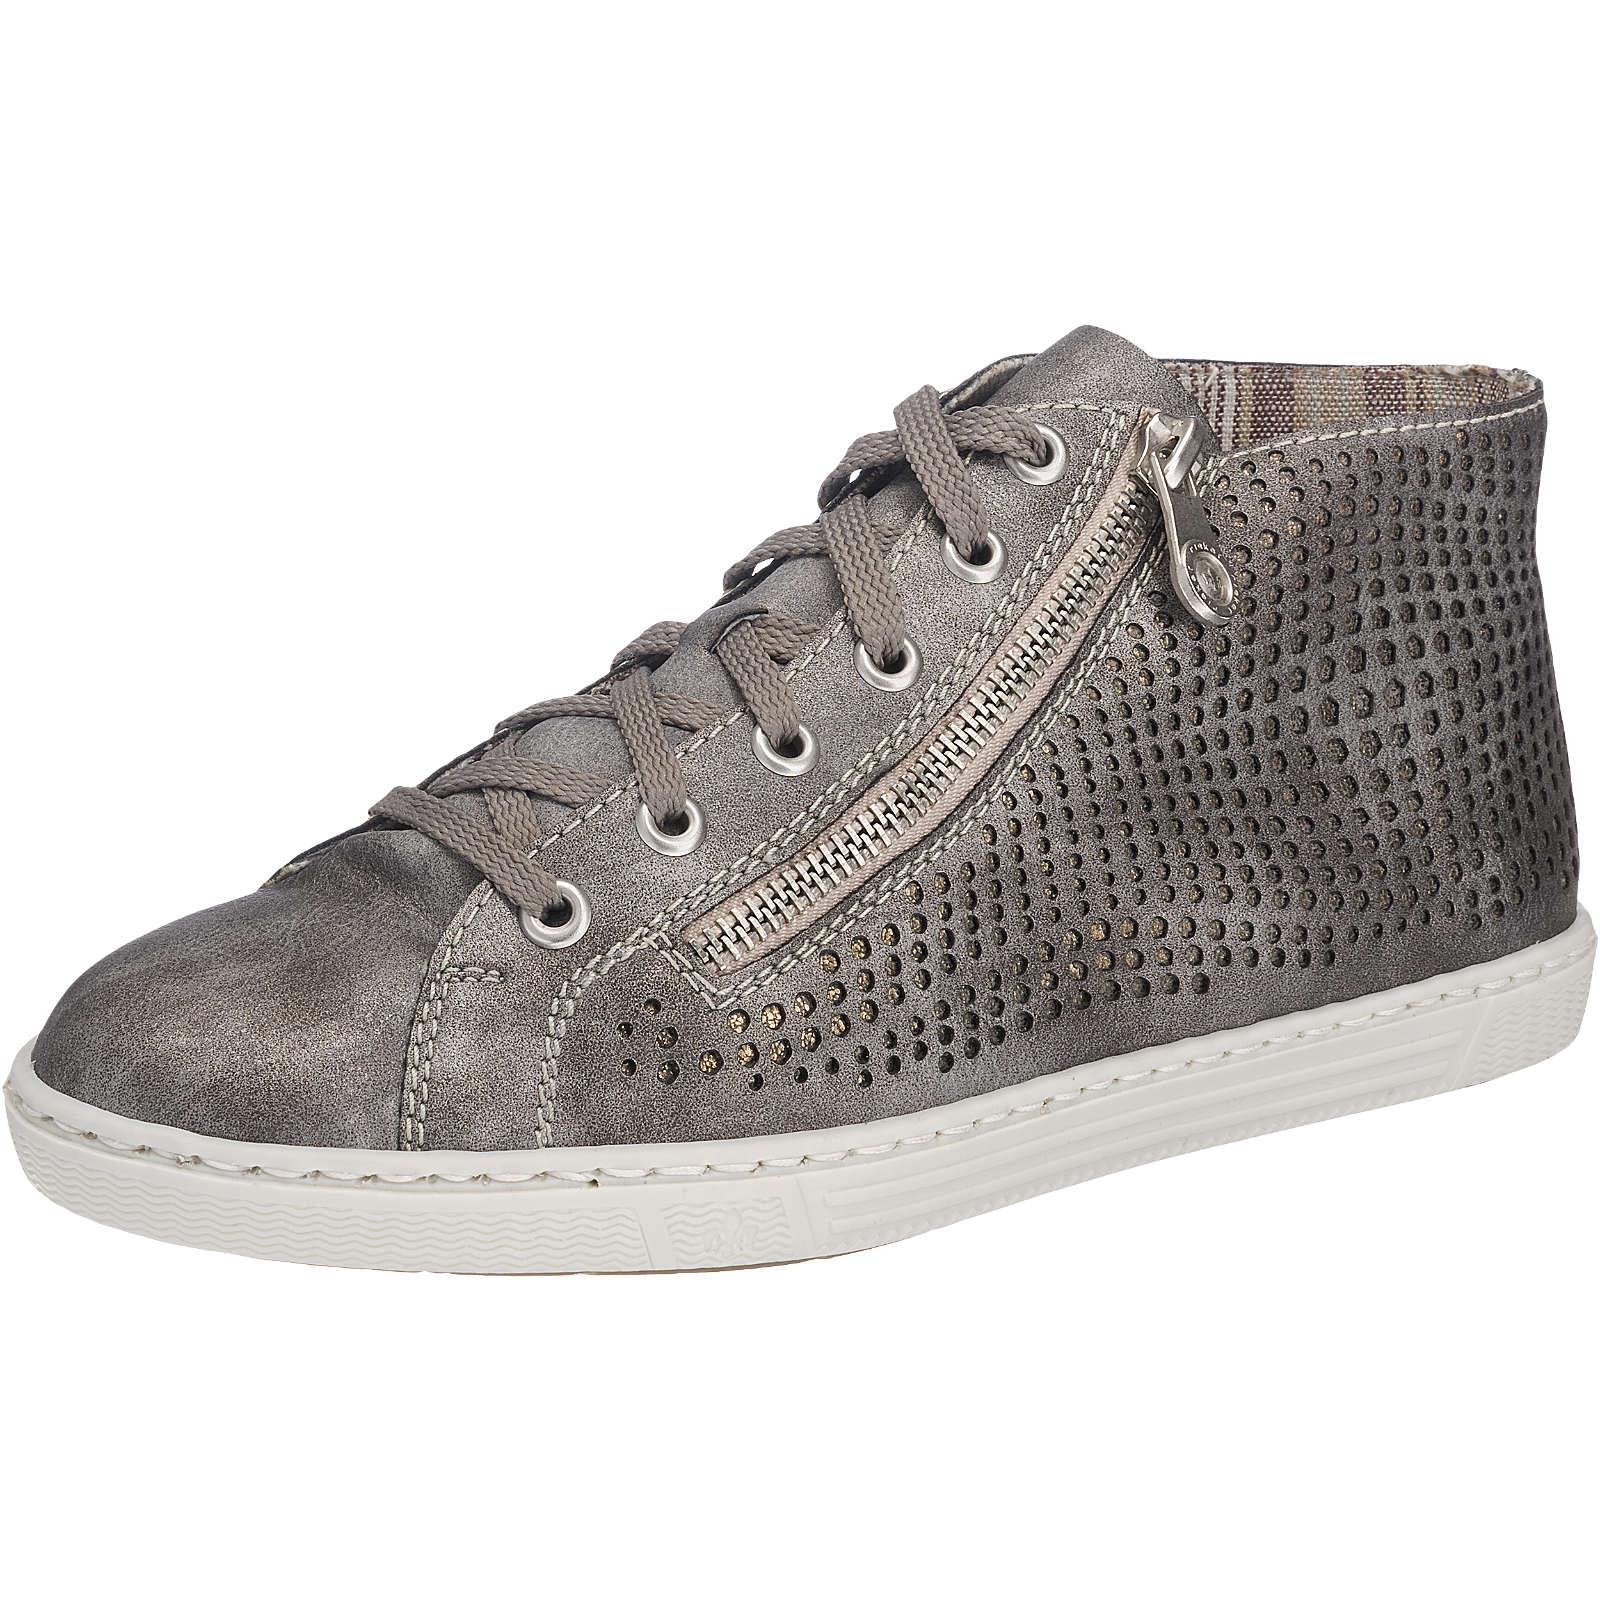 rieker Sneakers grau Damen Gr. 38